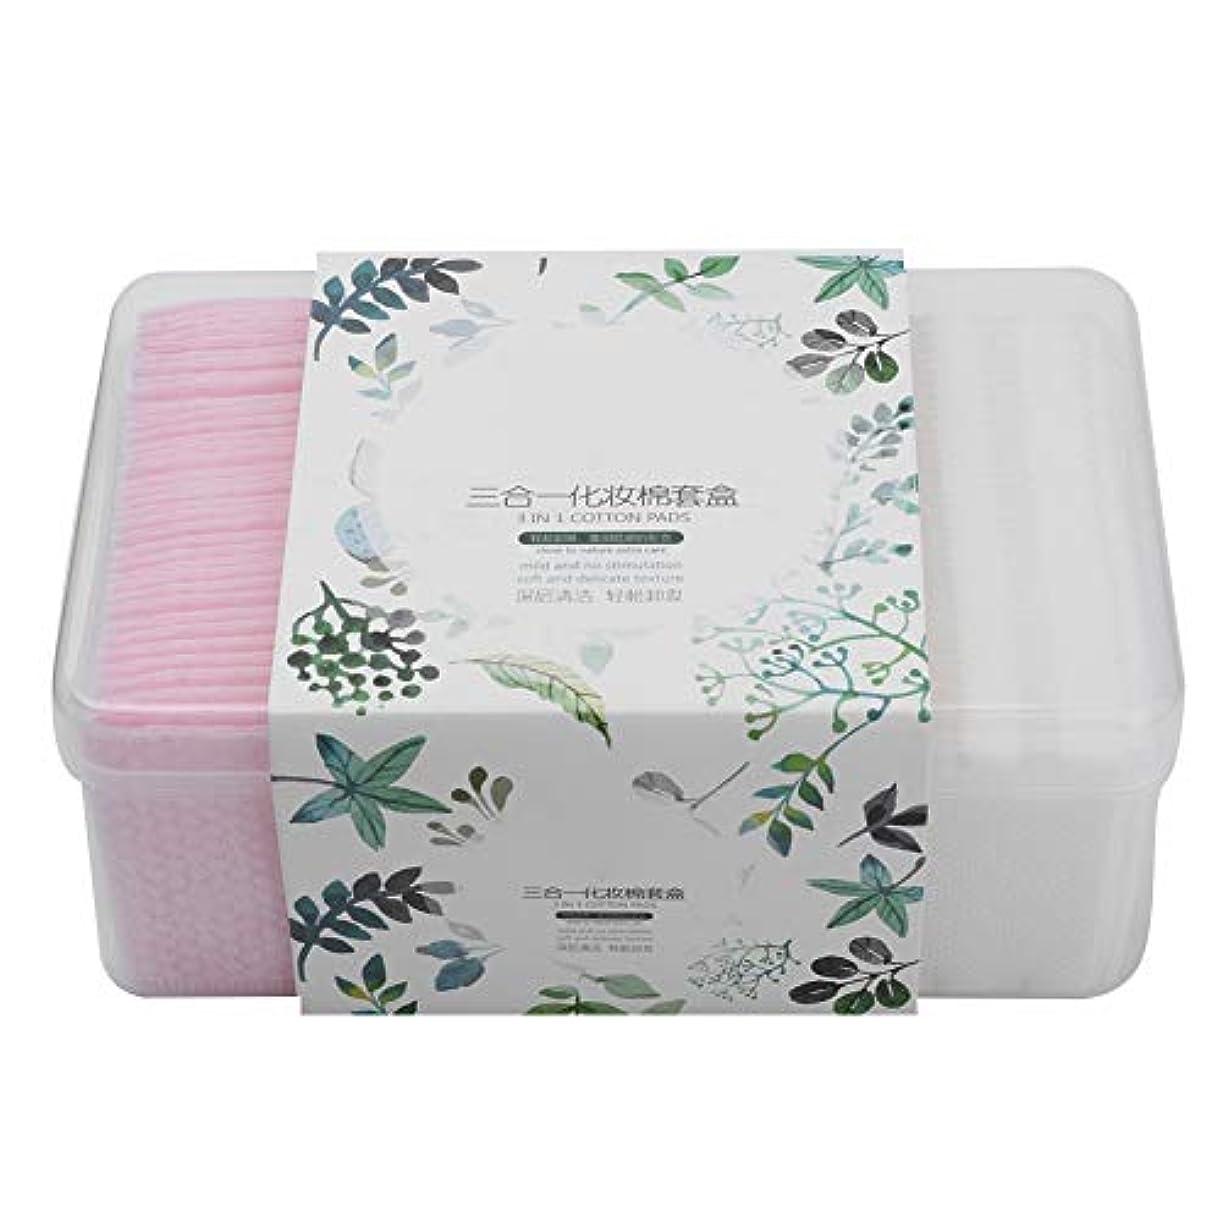 小包スカルク意見280Pcs /箱の構造の綿パッド、スキンケアの構造の除去剤のための顔の清潔になる綿および他の事は拭きます